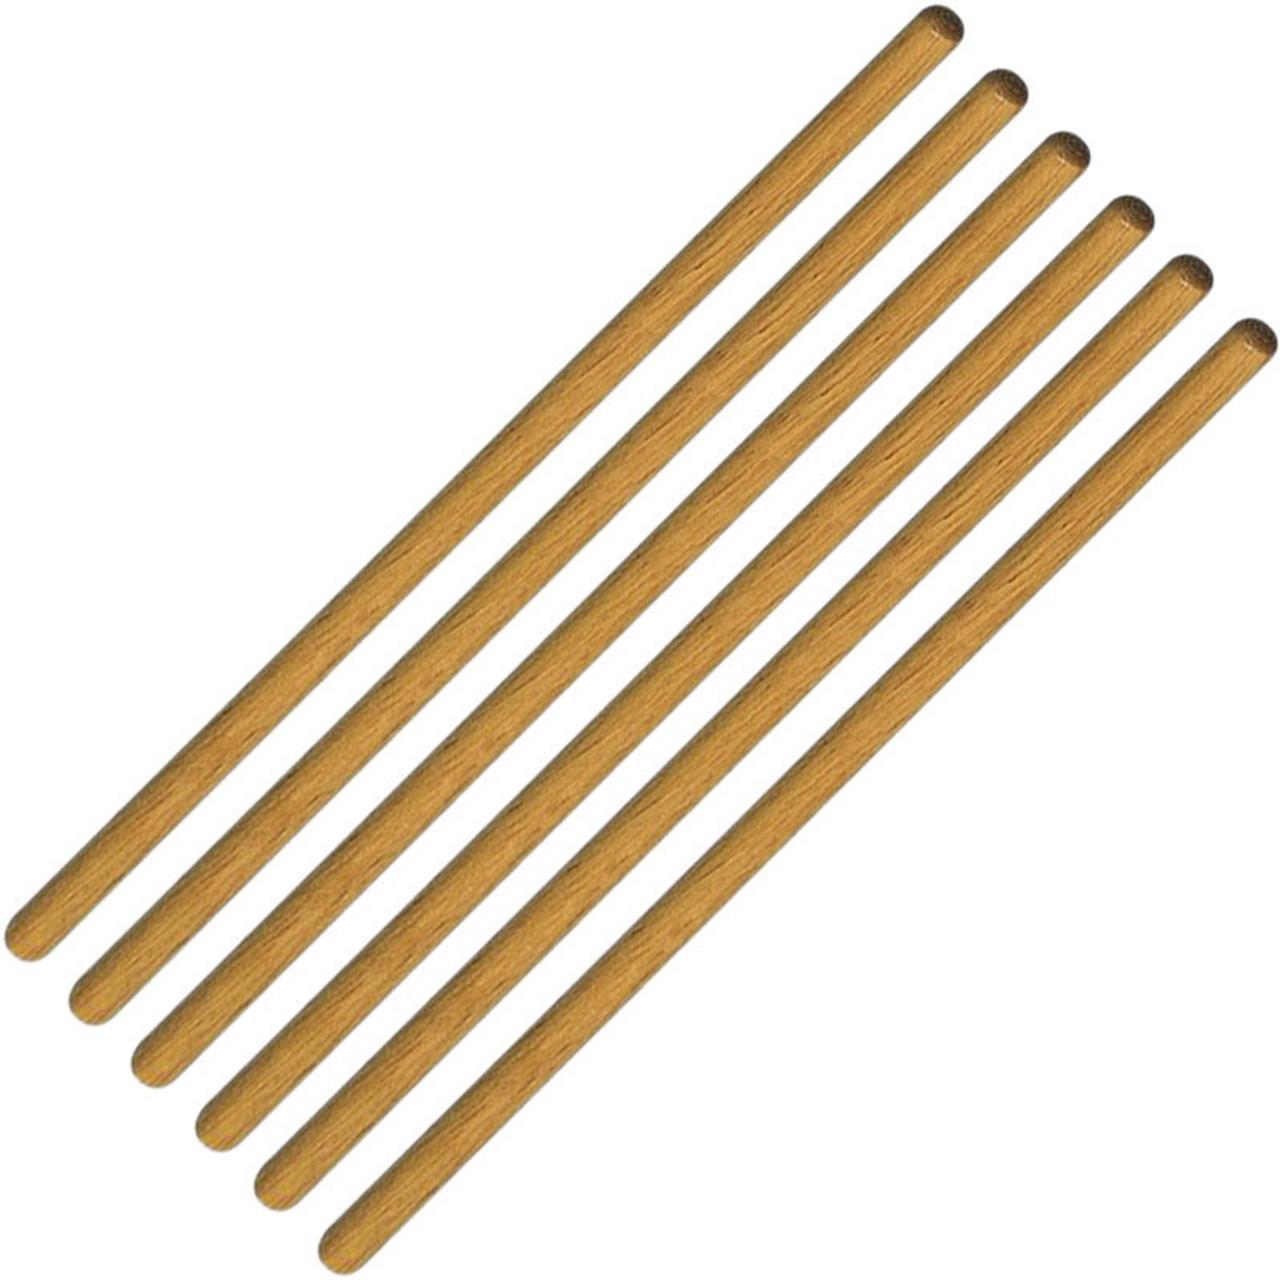 Drum Workshop Wooden Guiro Scraper (6)